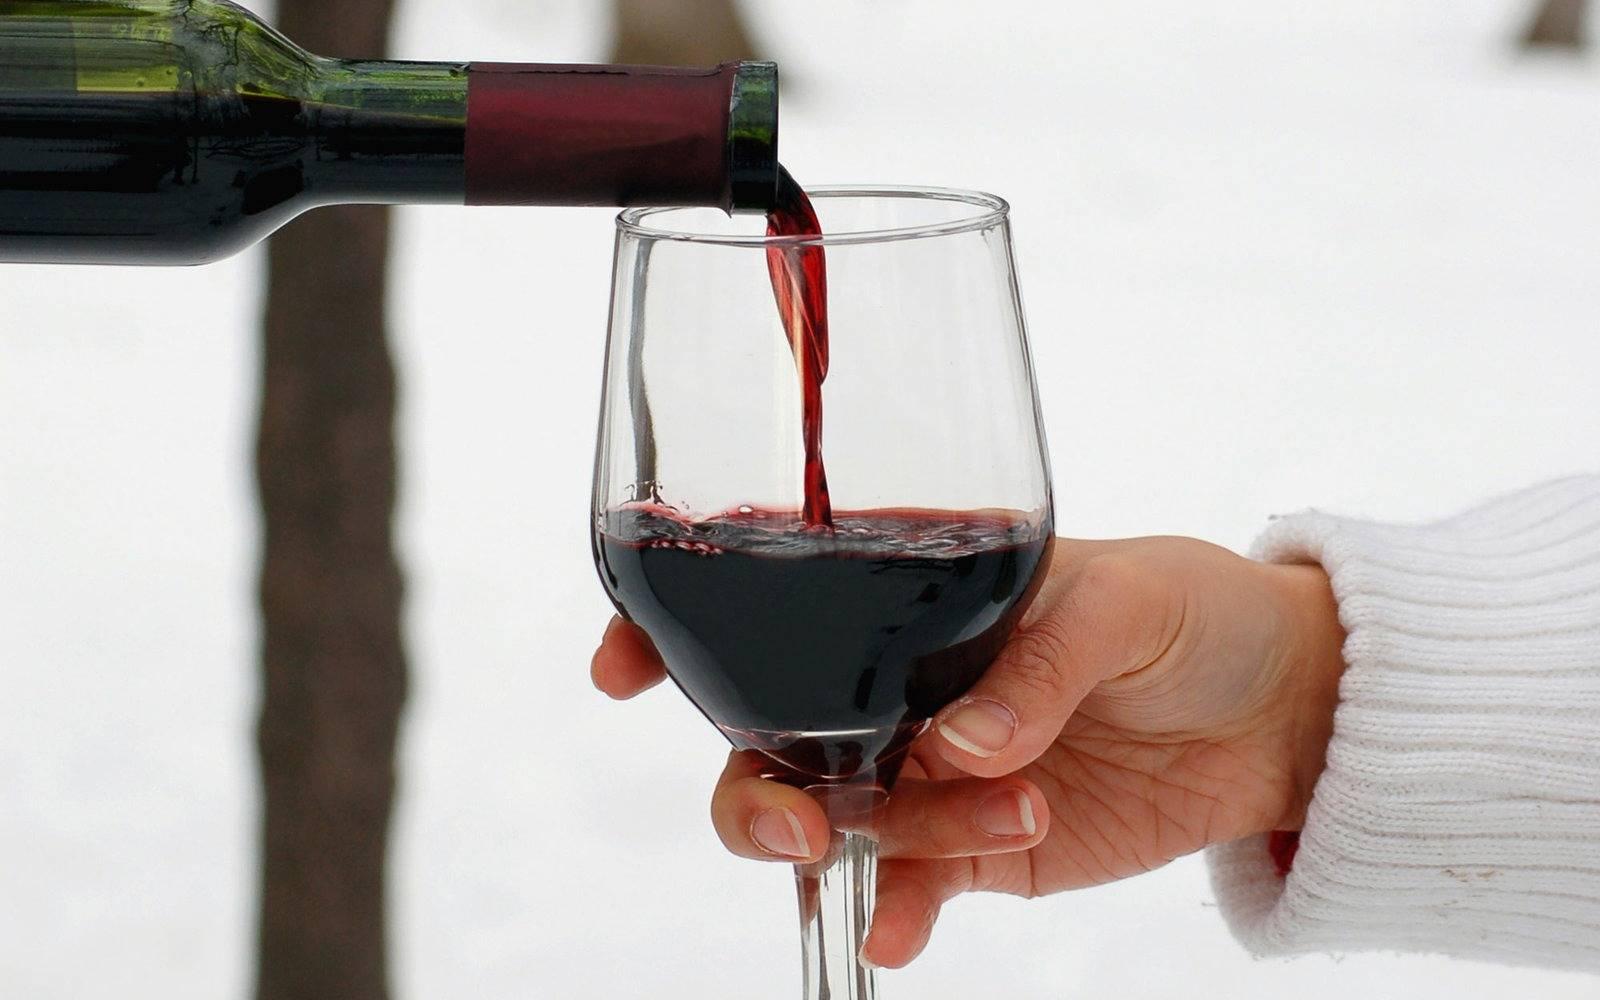 Красное вино — польза и вред, как правильно употреблять | здоровье и красота